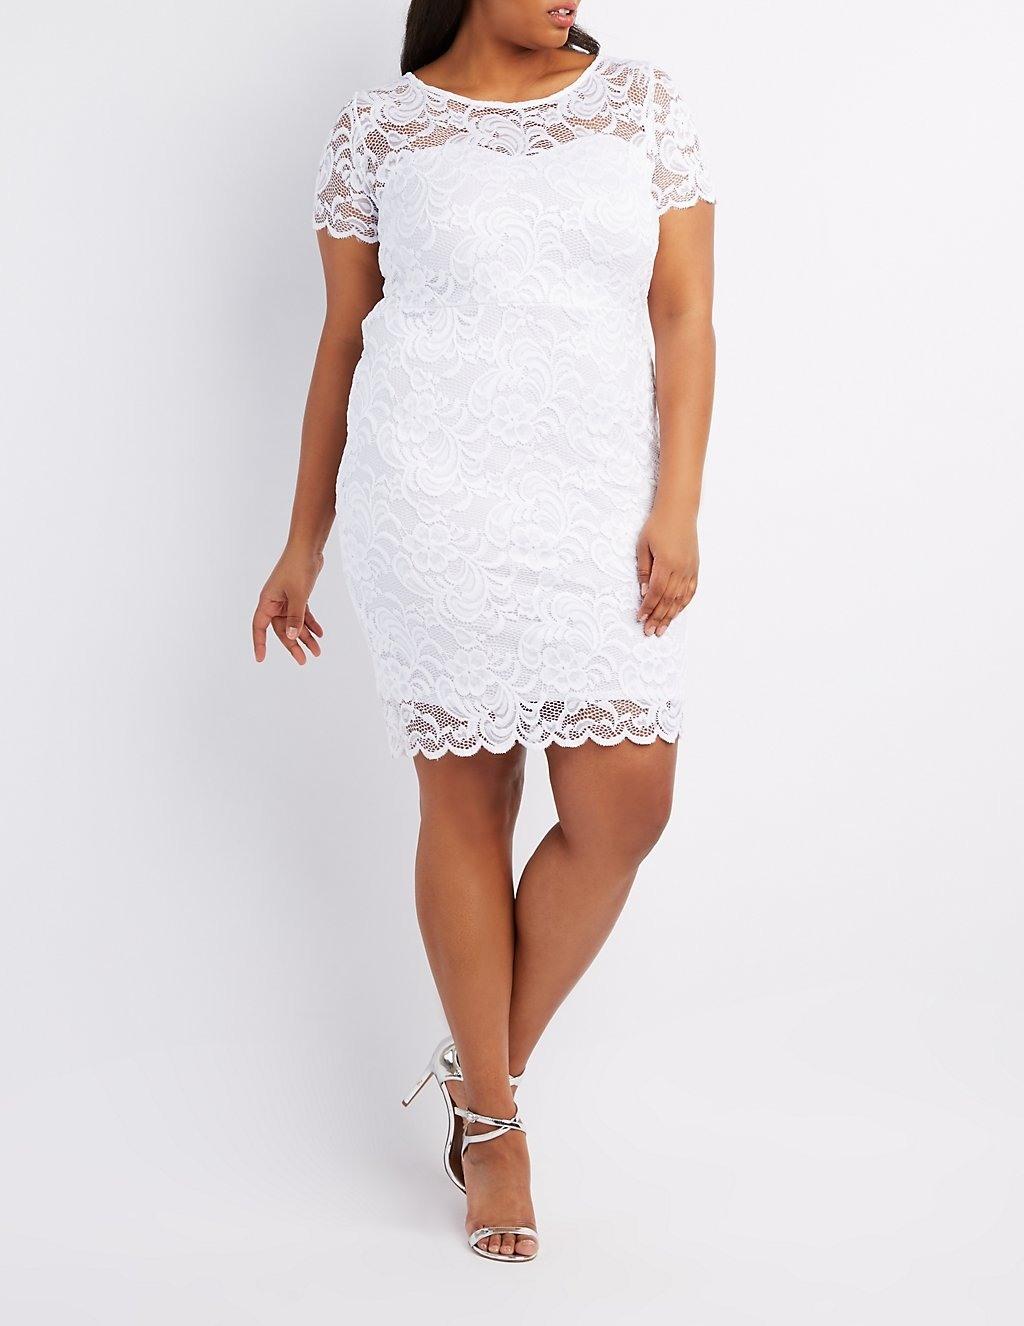 Formal Schön Elegante Kleider Größe 48 SpezialgebietDesigner Ausgezeichnet Elegante Kleider Größe 48 Spezialgebiet